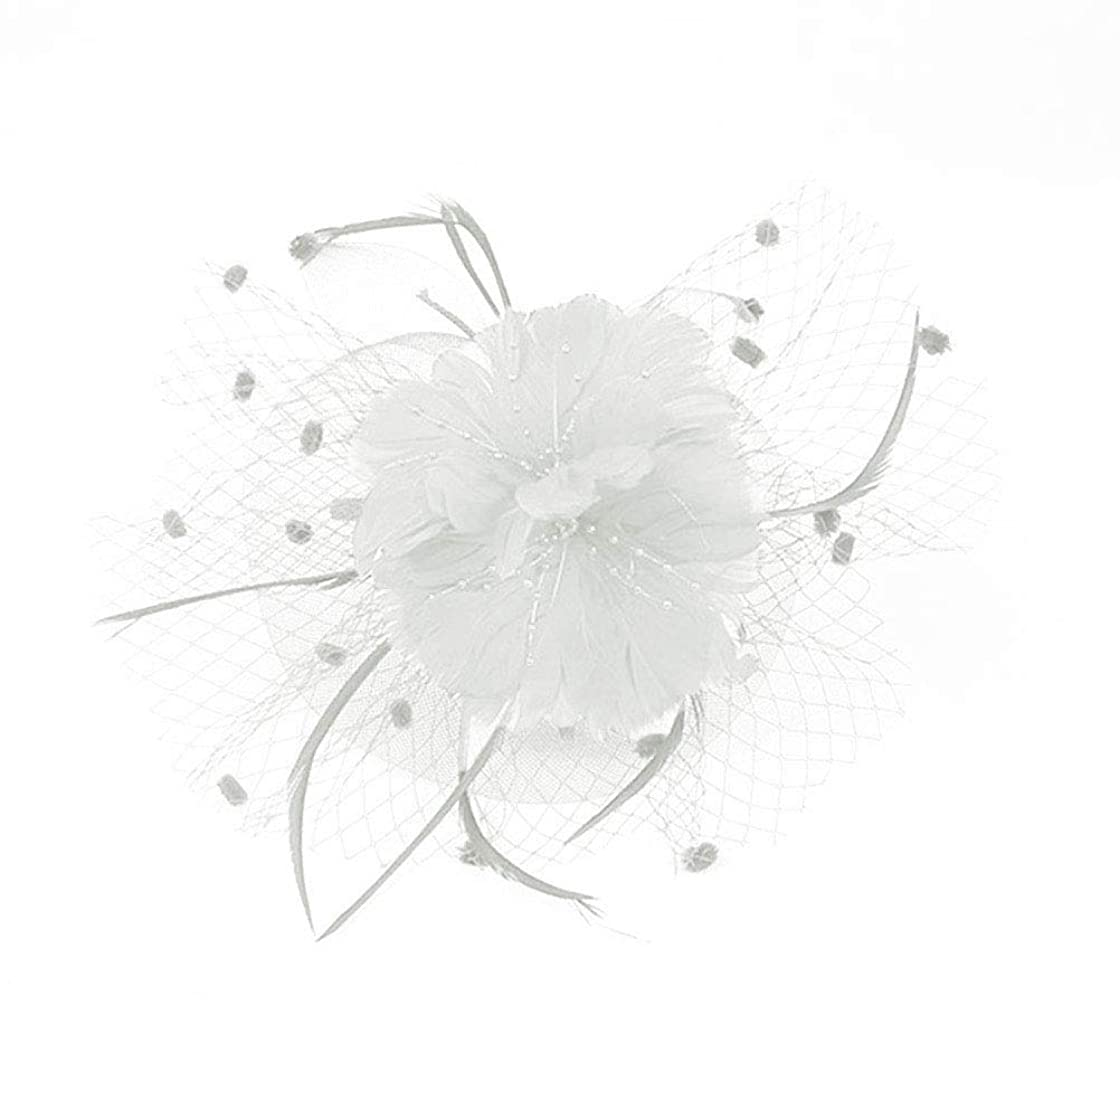 早める呼吸するプレビスサイトBeaupretty魅惑的な帽子羽メッシュネットベールパーティー帽子ピルボックス帽子羽の魅惑的なキャップレディース結婚式宴会カクテルパーティー(ベージュ)